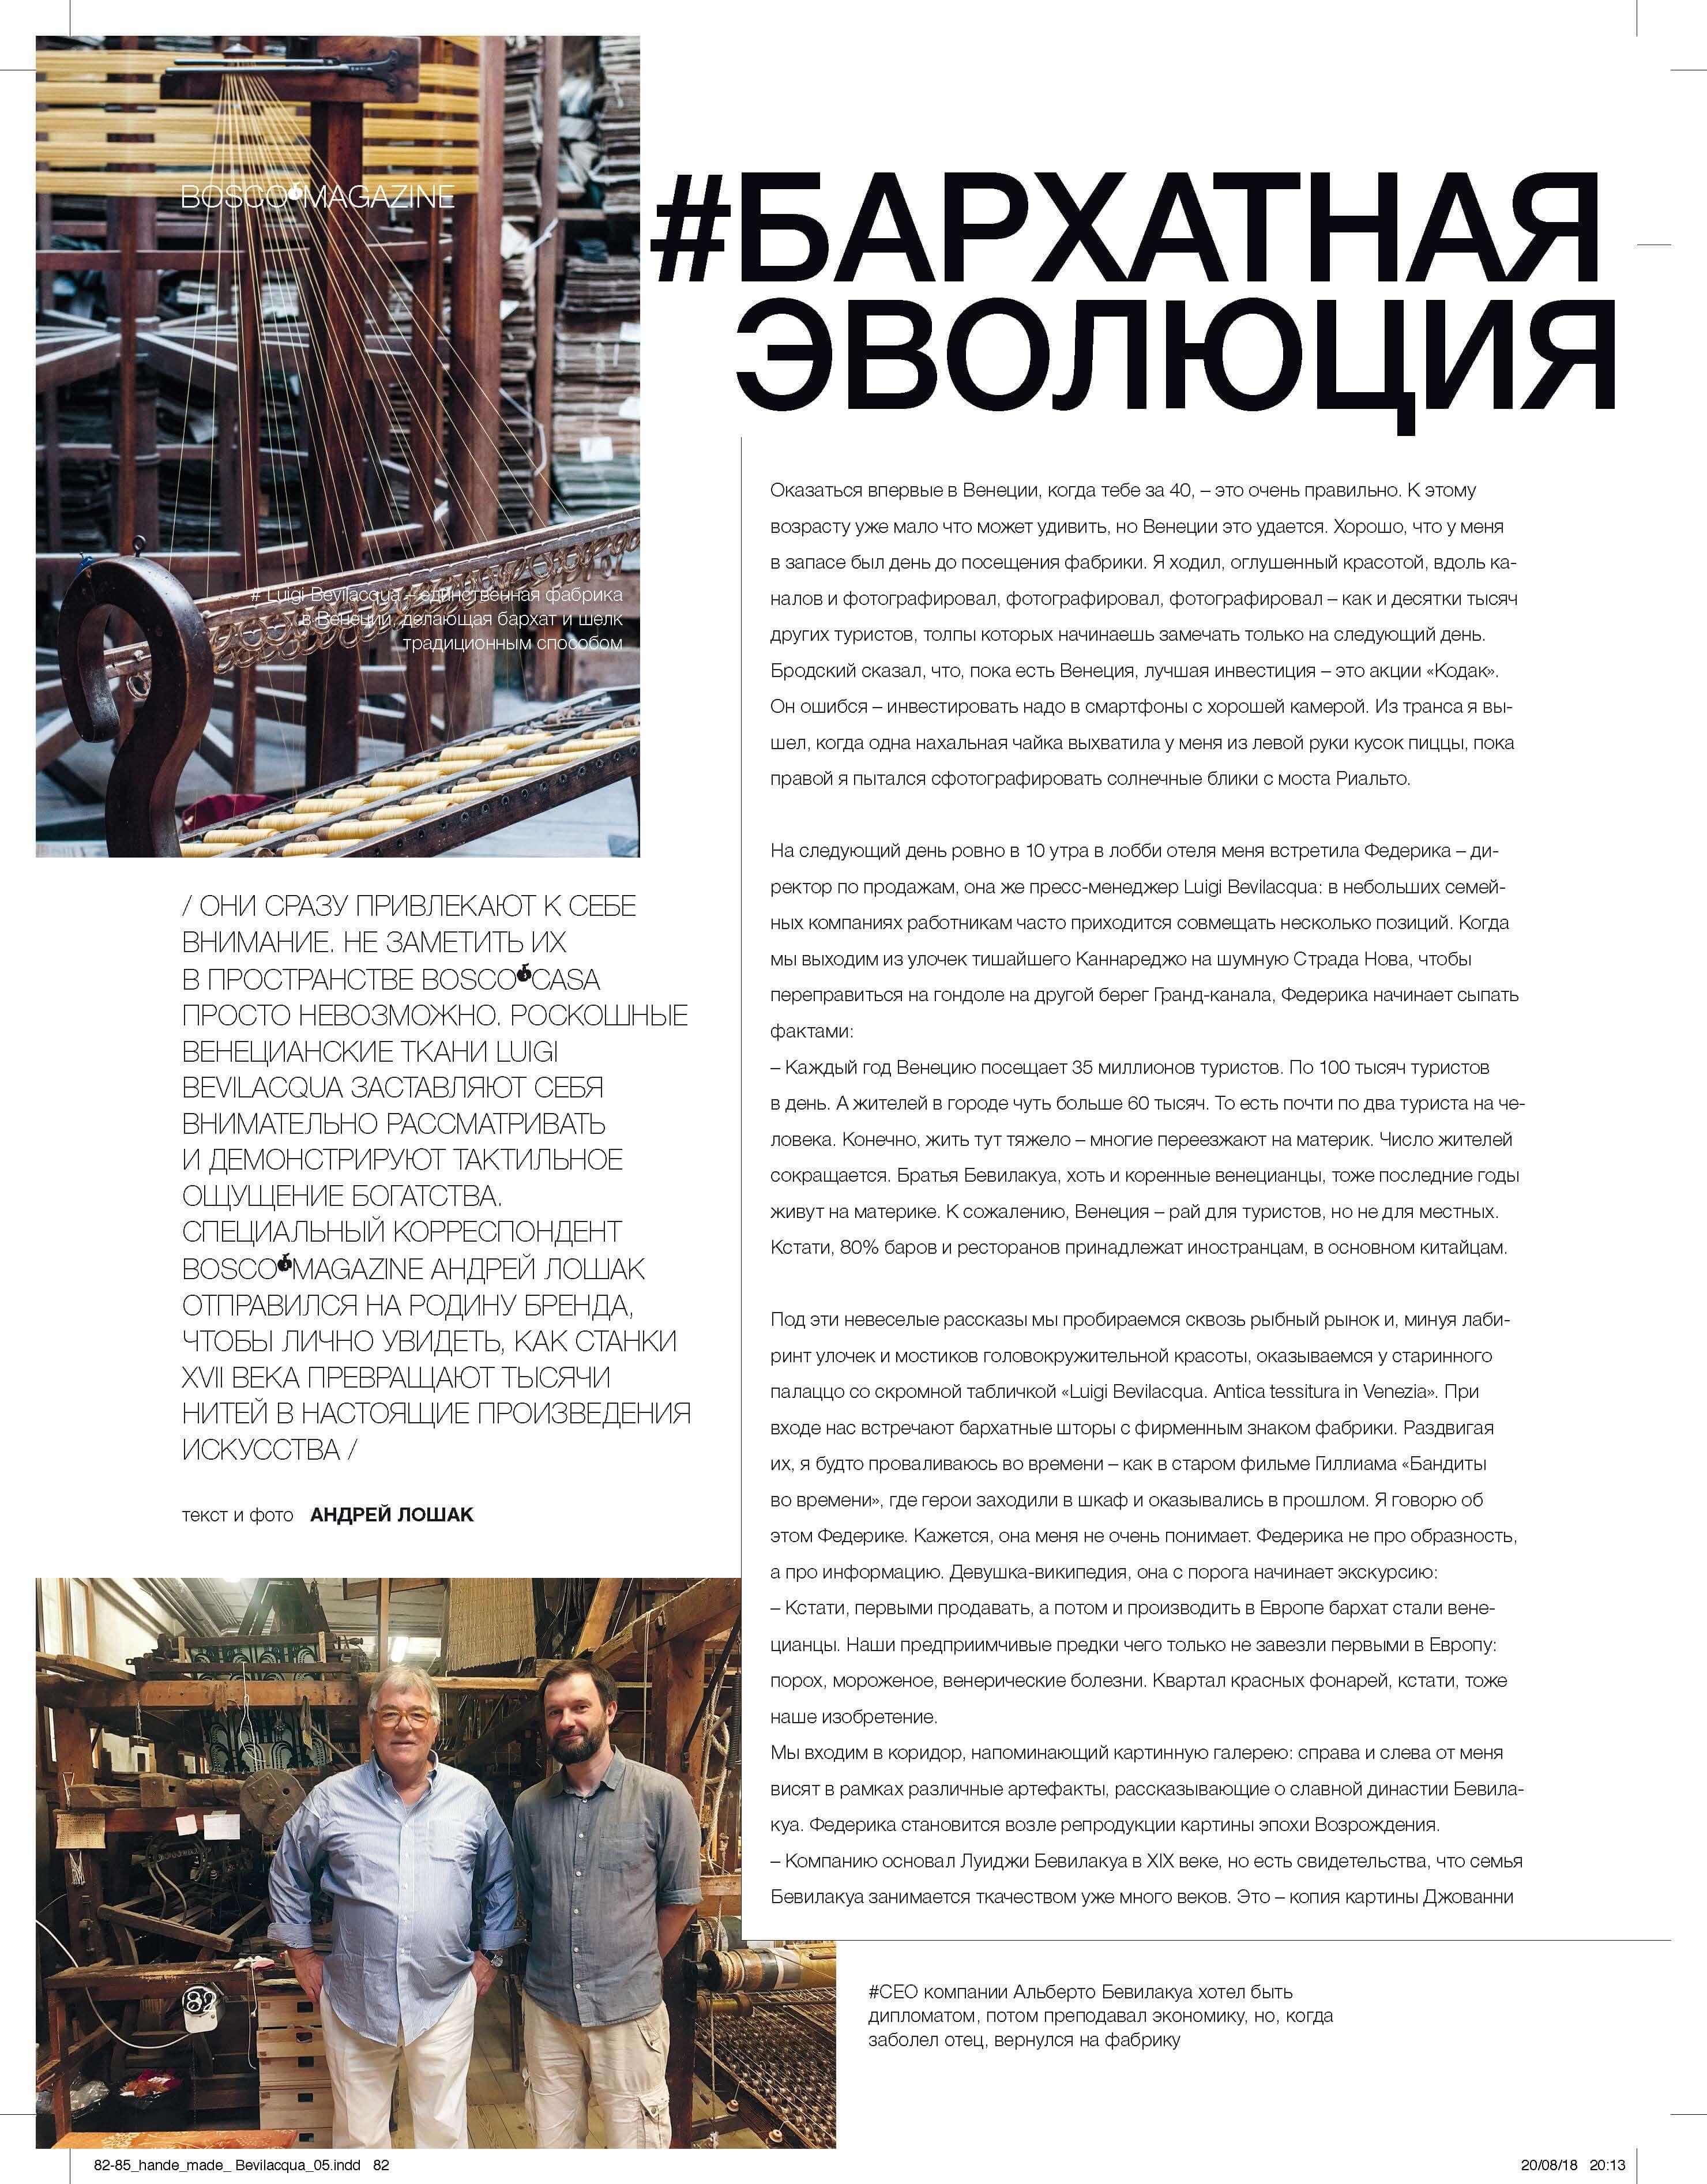 Boscomagazine autumn 2018